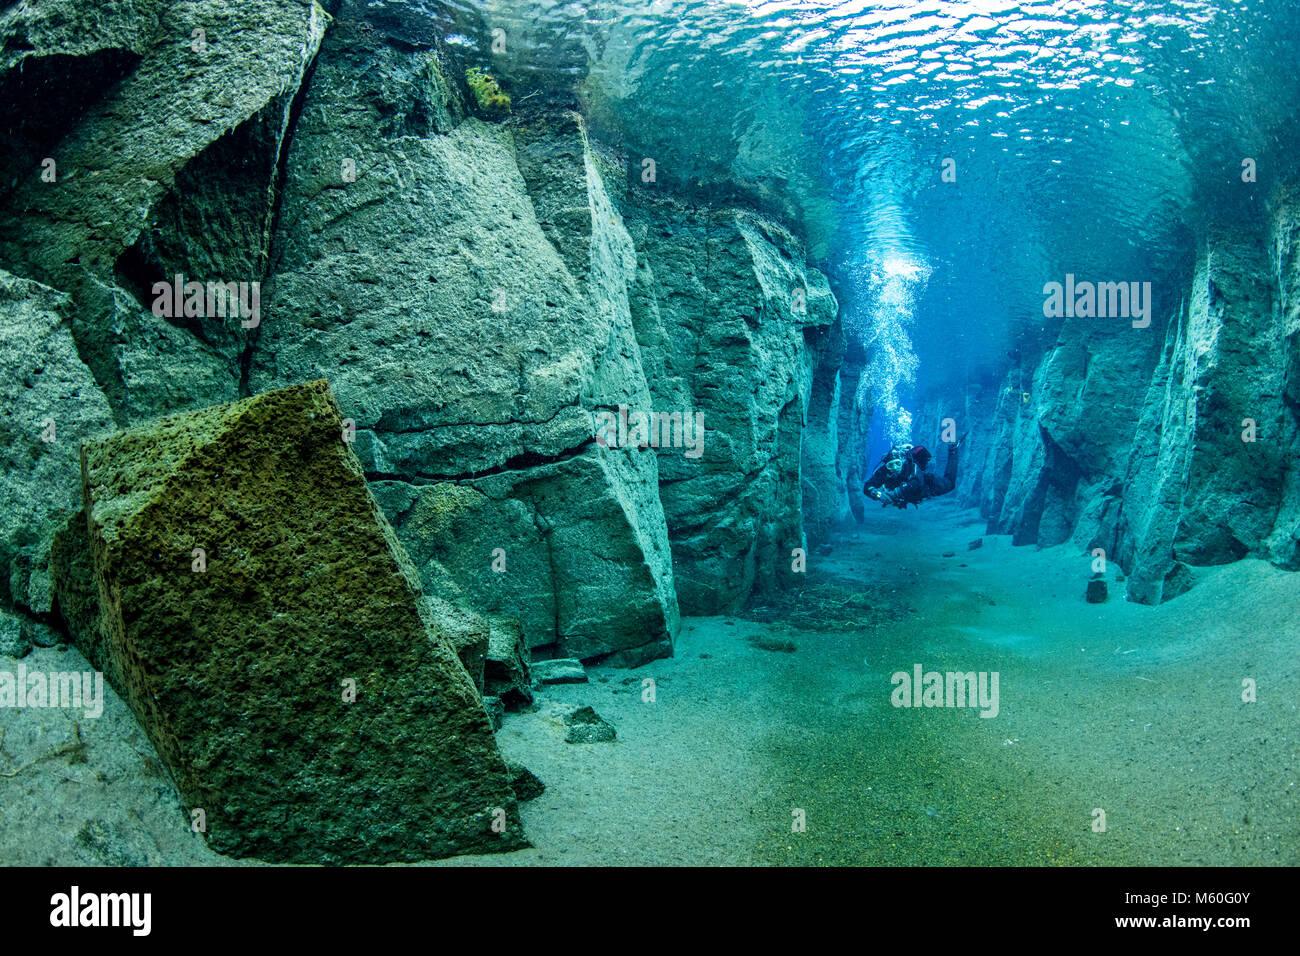 Scuba diving in Volcanic Crack Nesgja, Asbyrgi National Park, Iceland - Stock Image